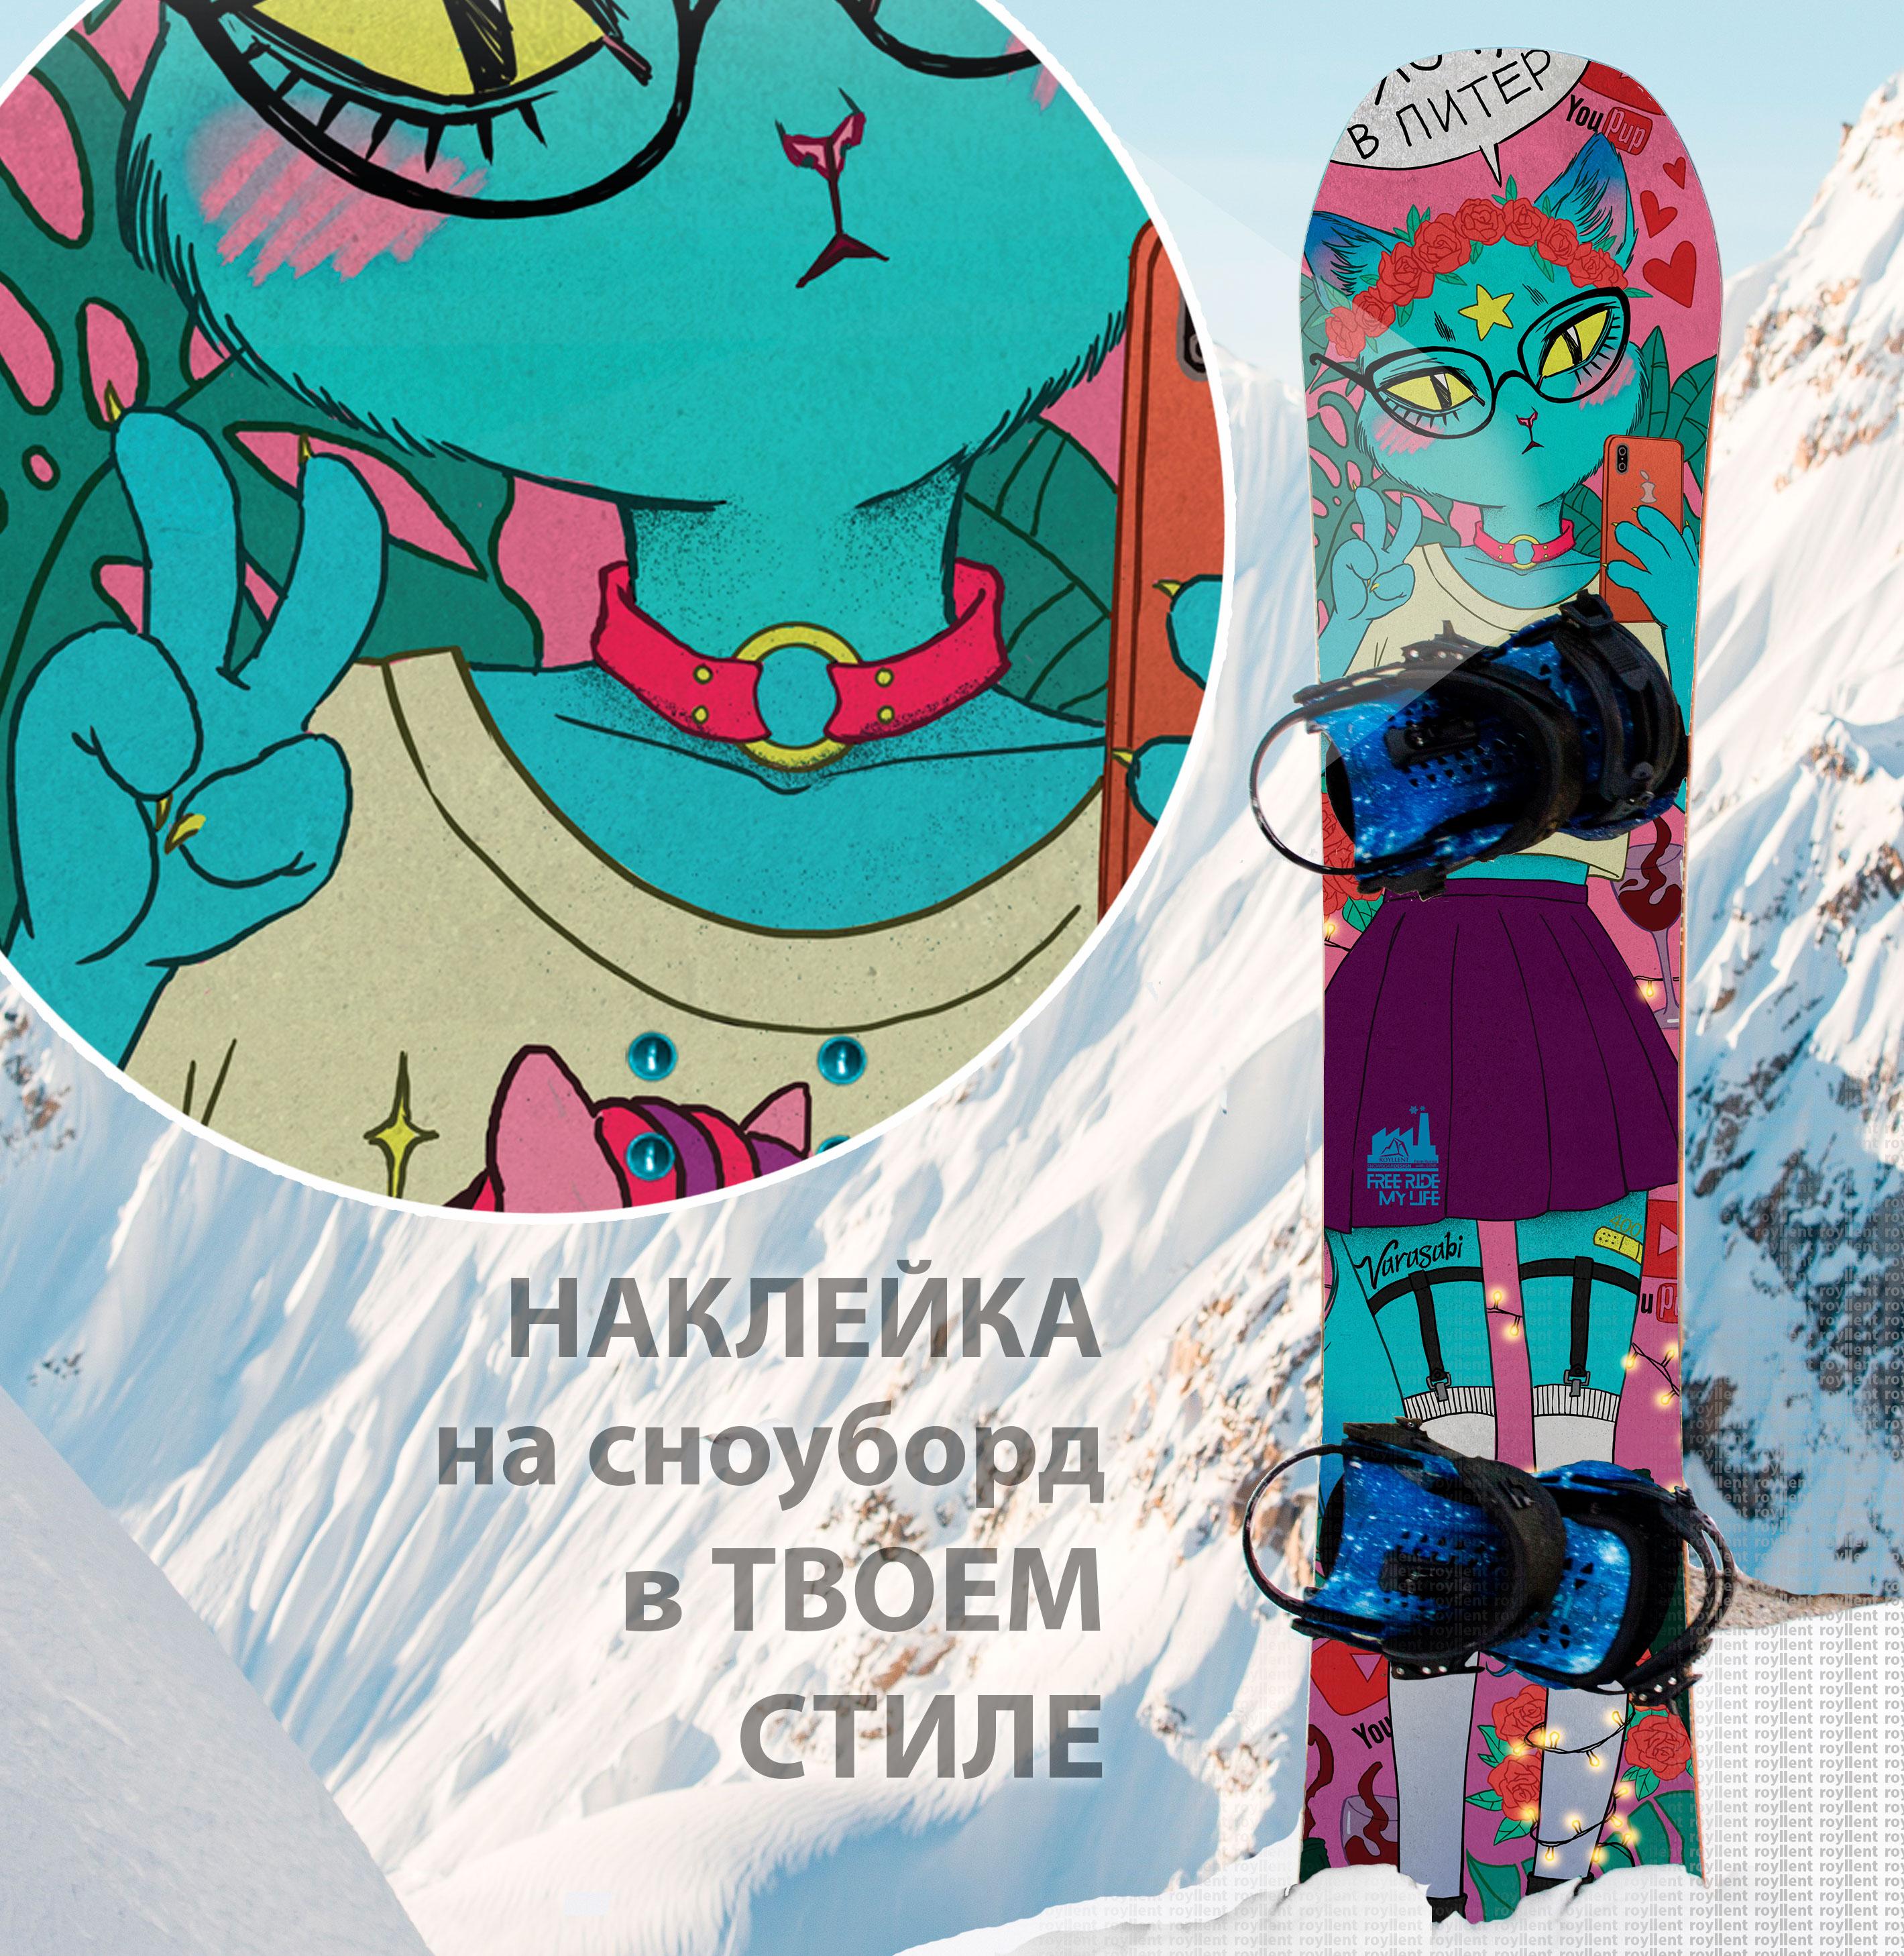 купить необычную сноуборд наклейку